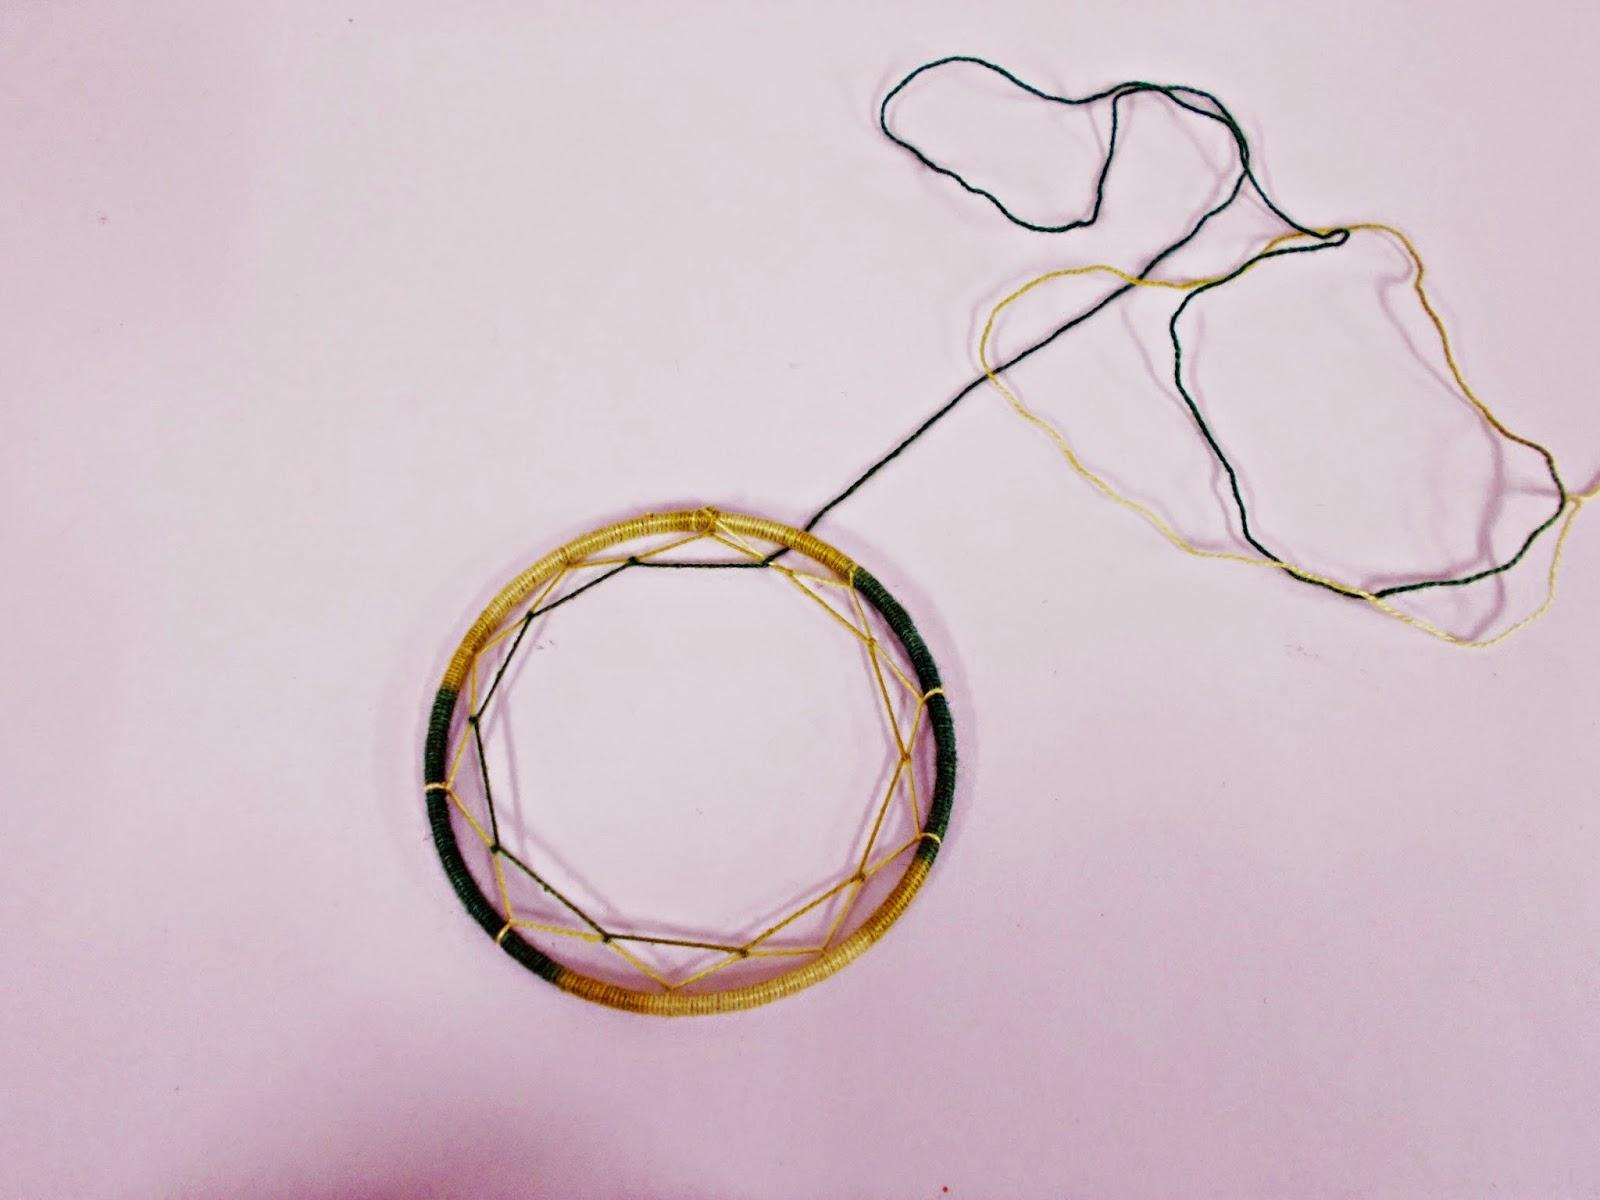 DIY-atrapasueños-indio-manualidades-hilo-plumas-adorno-5